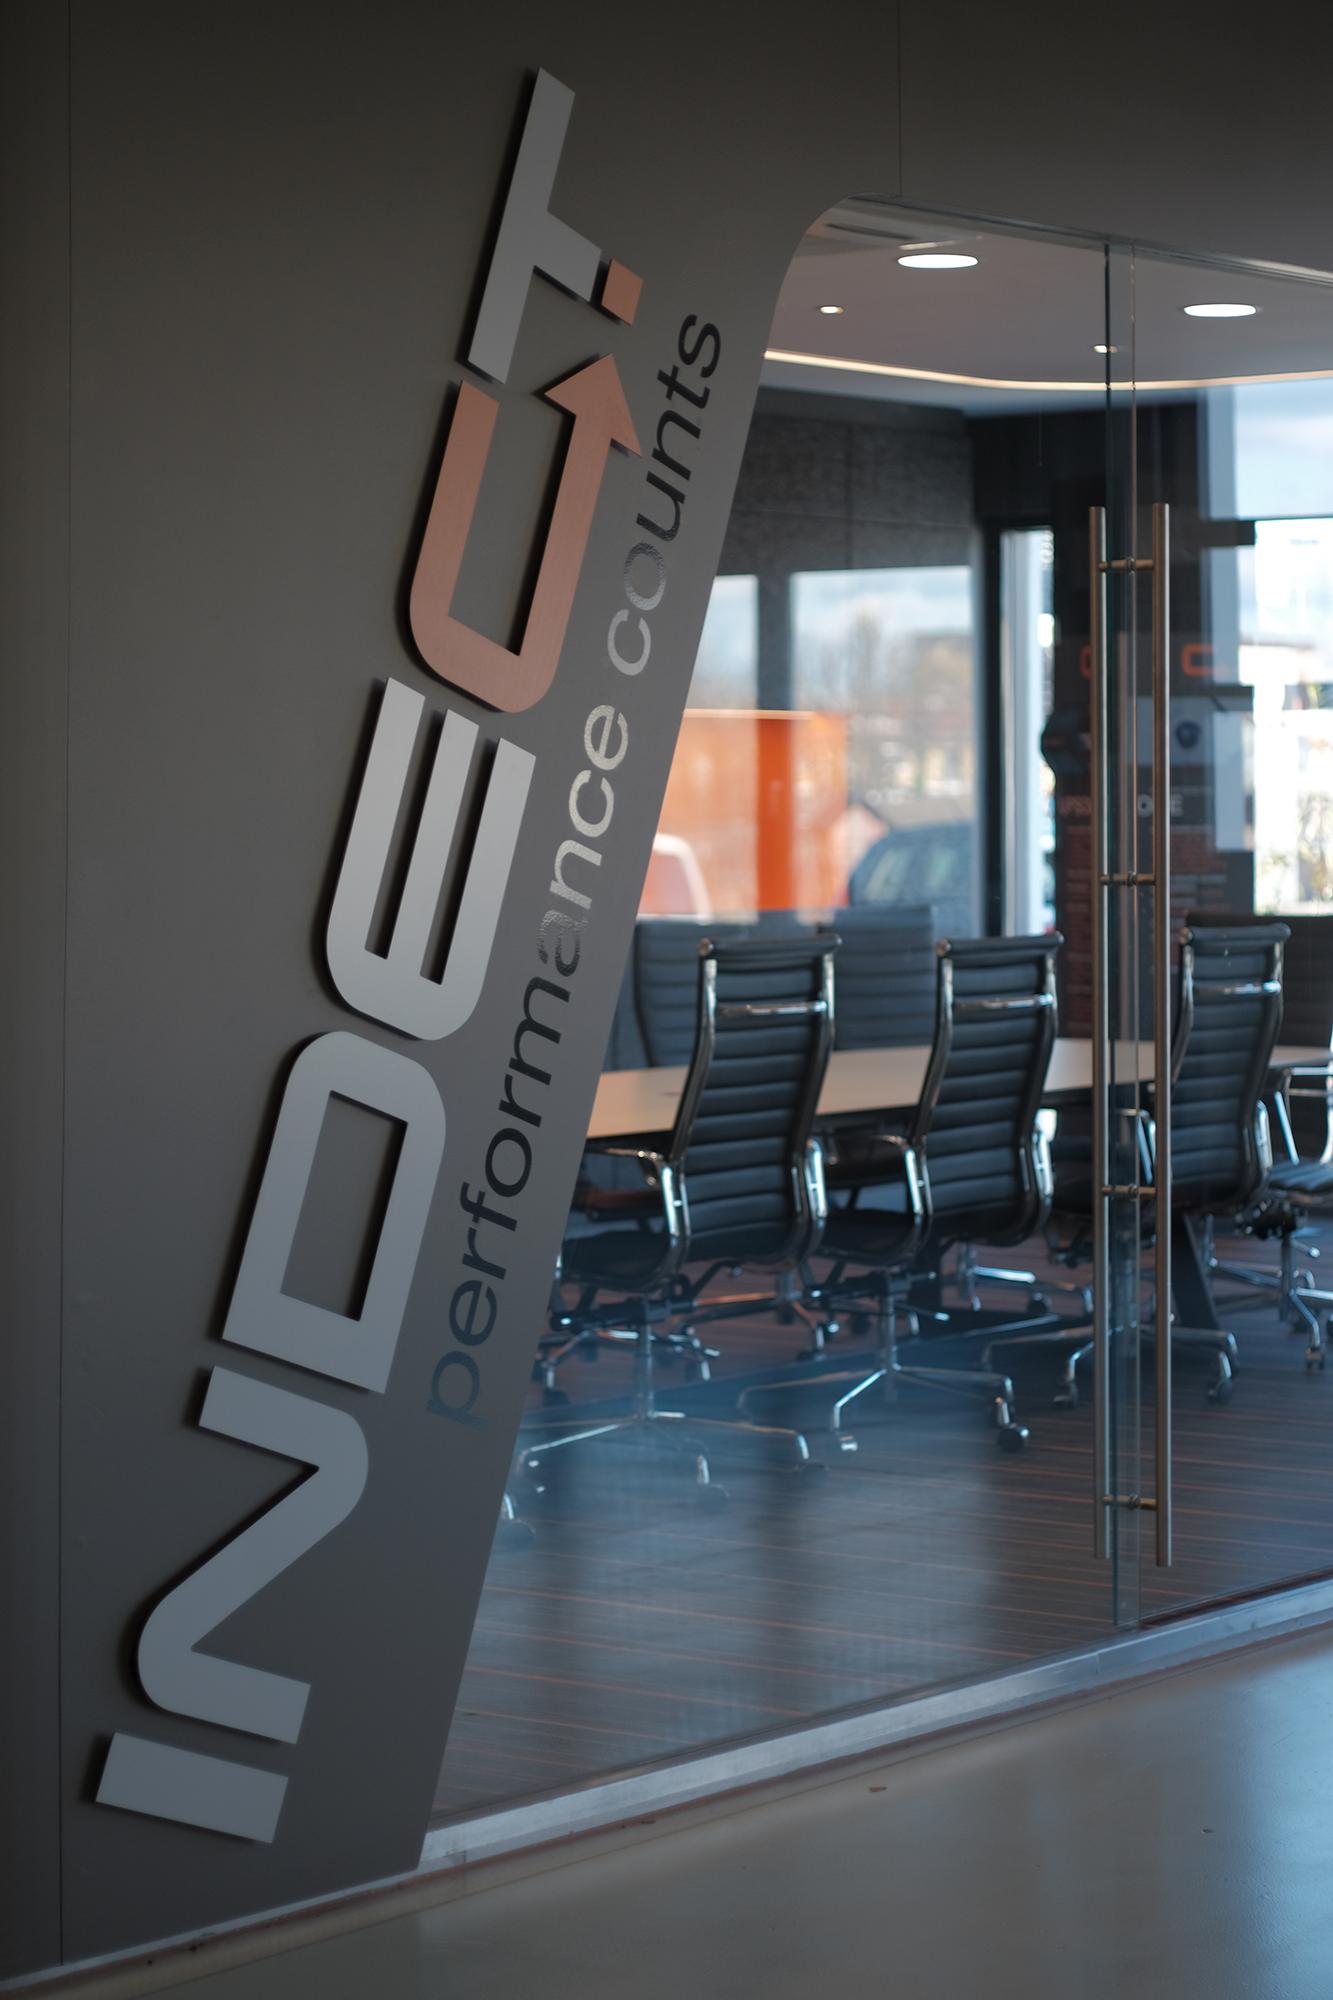 indect showroom - eingangsbereich mit logo und Glasfront